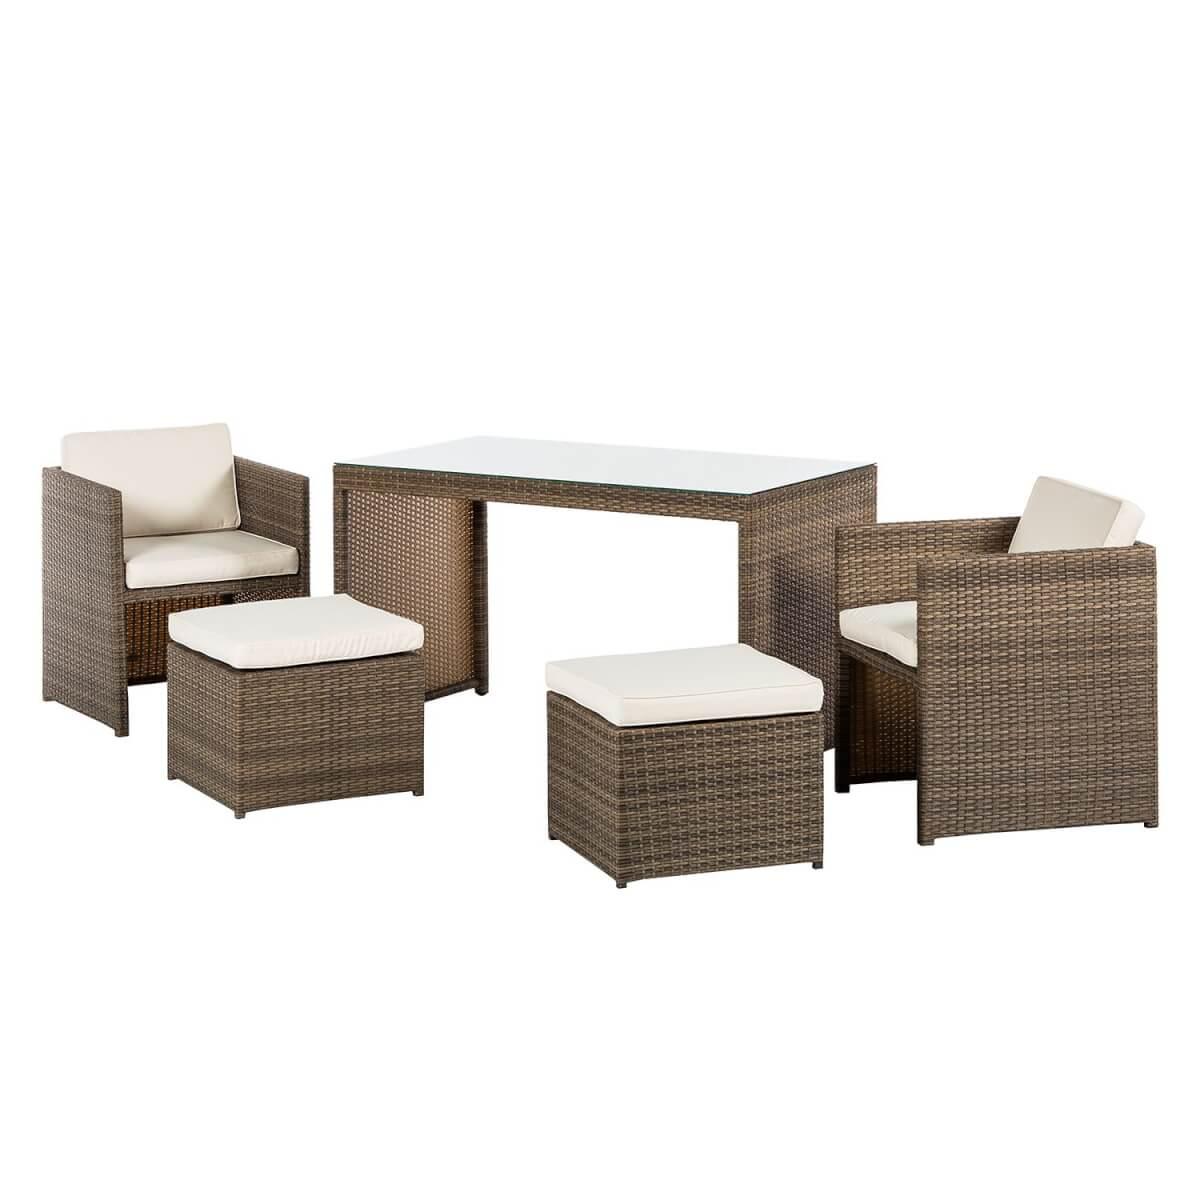 Loungeset Merano voor balkon